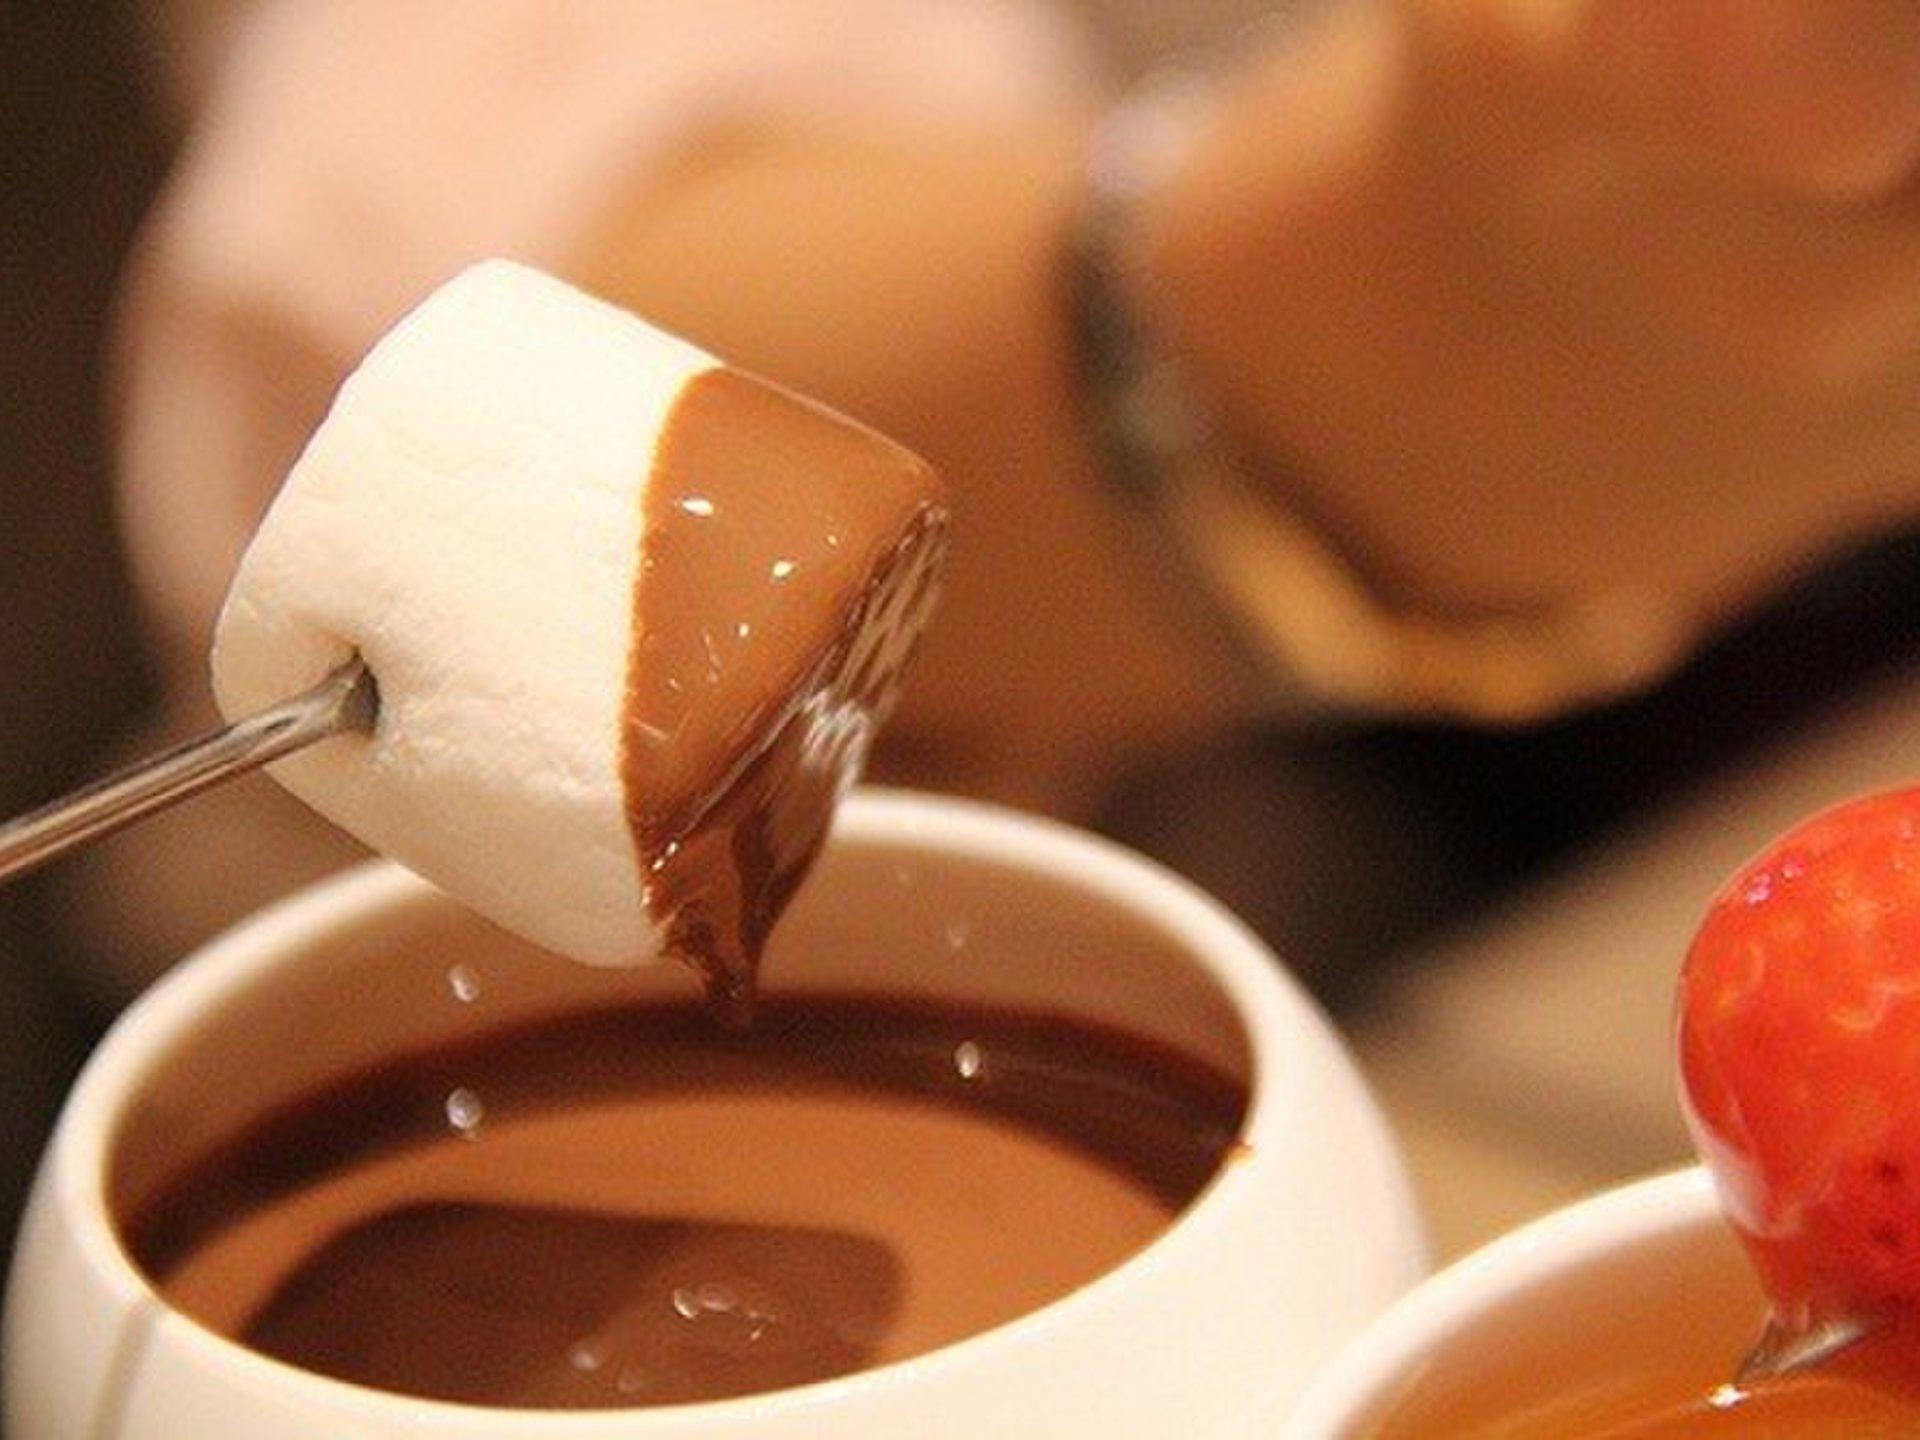 【ホワイトデーはすぐそこに】メンズ必見!彼女ウケ抜群のホワイトデーに使えるチョコレートカフェなど5選!